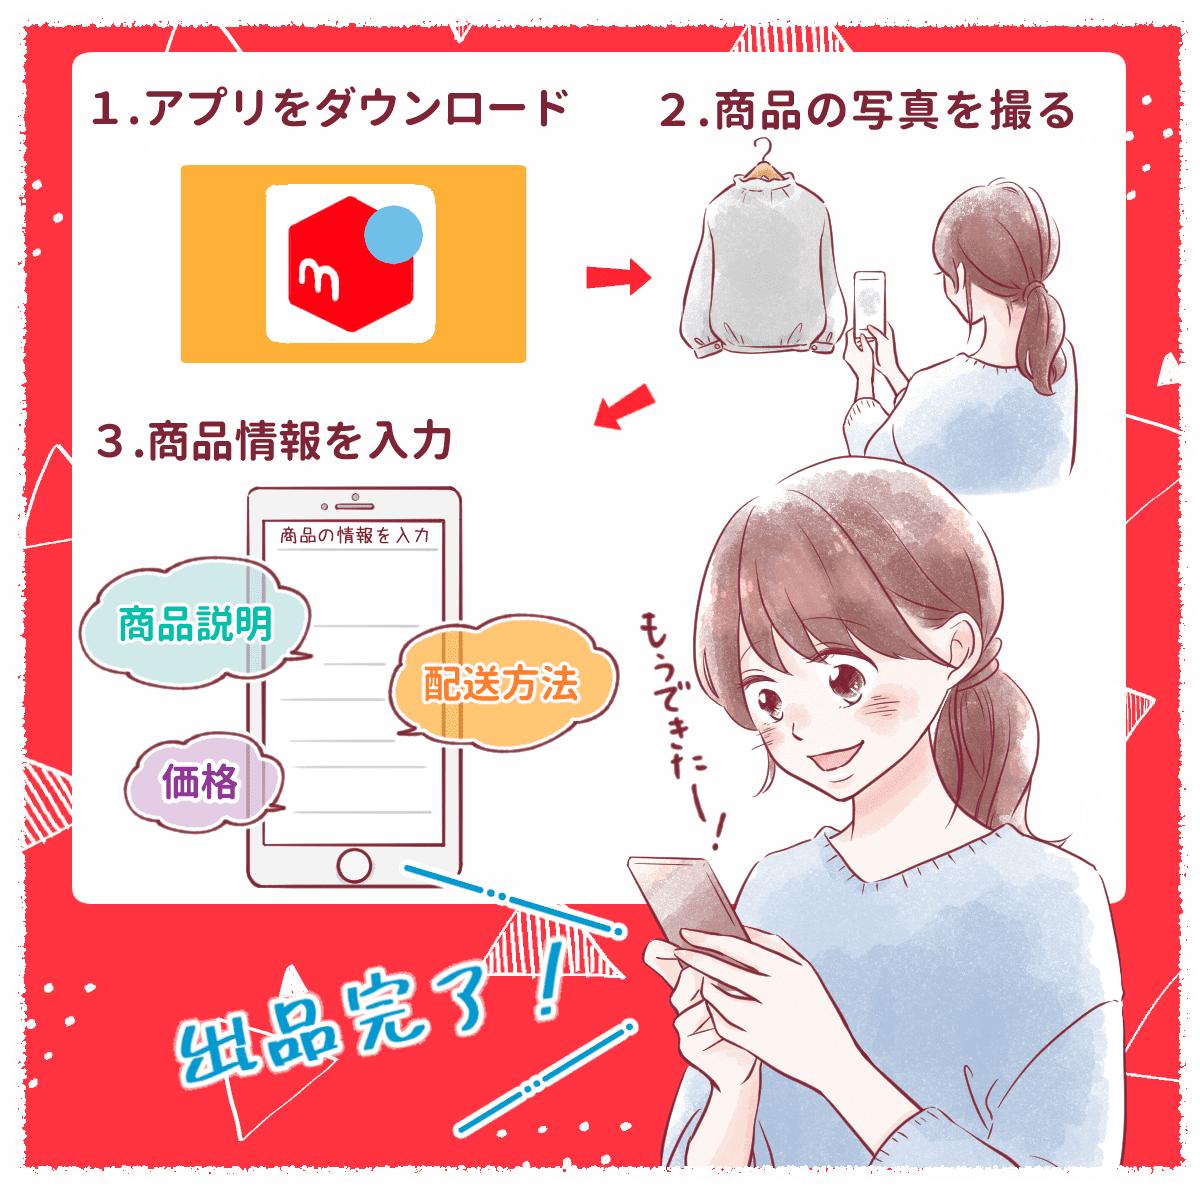 イラスト(完成)3